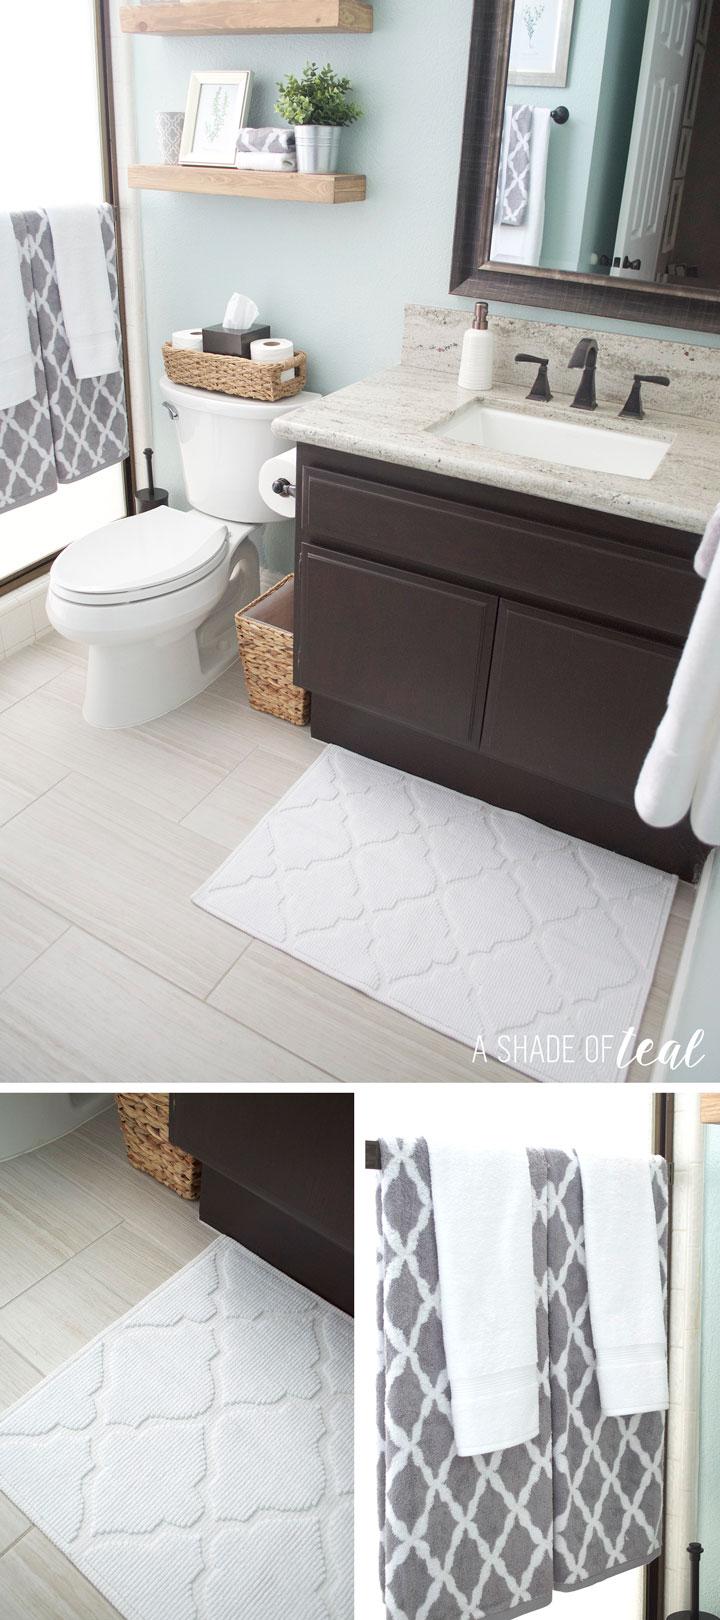 Quick & Easy Rustic Bathroom Refresh!